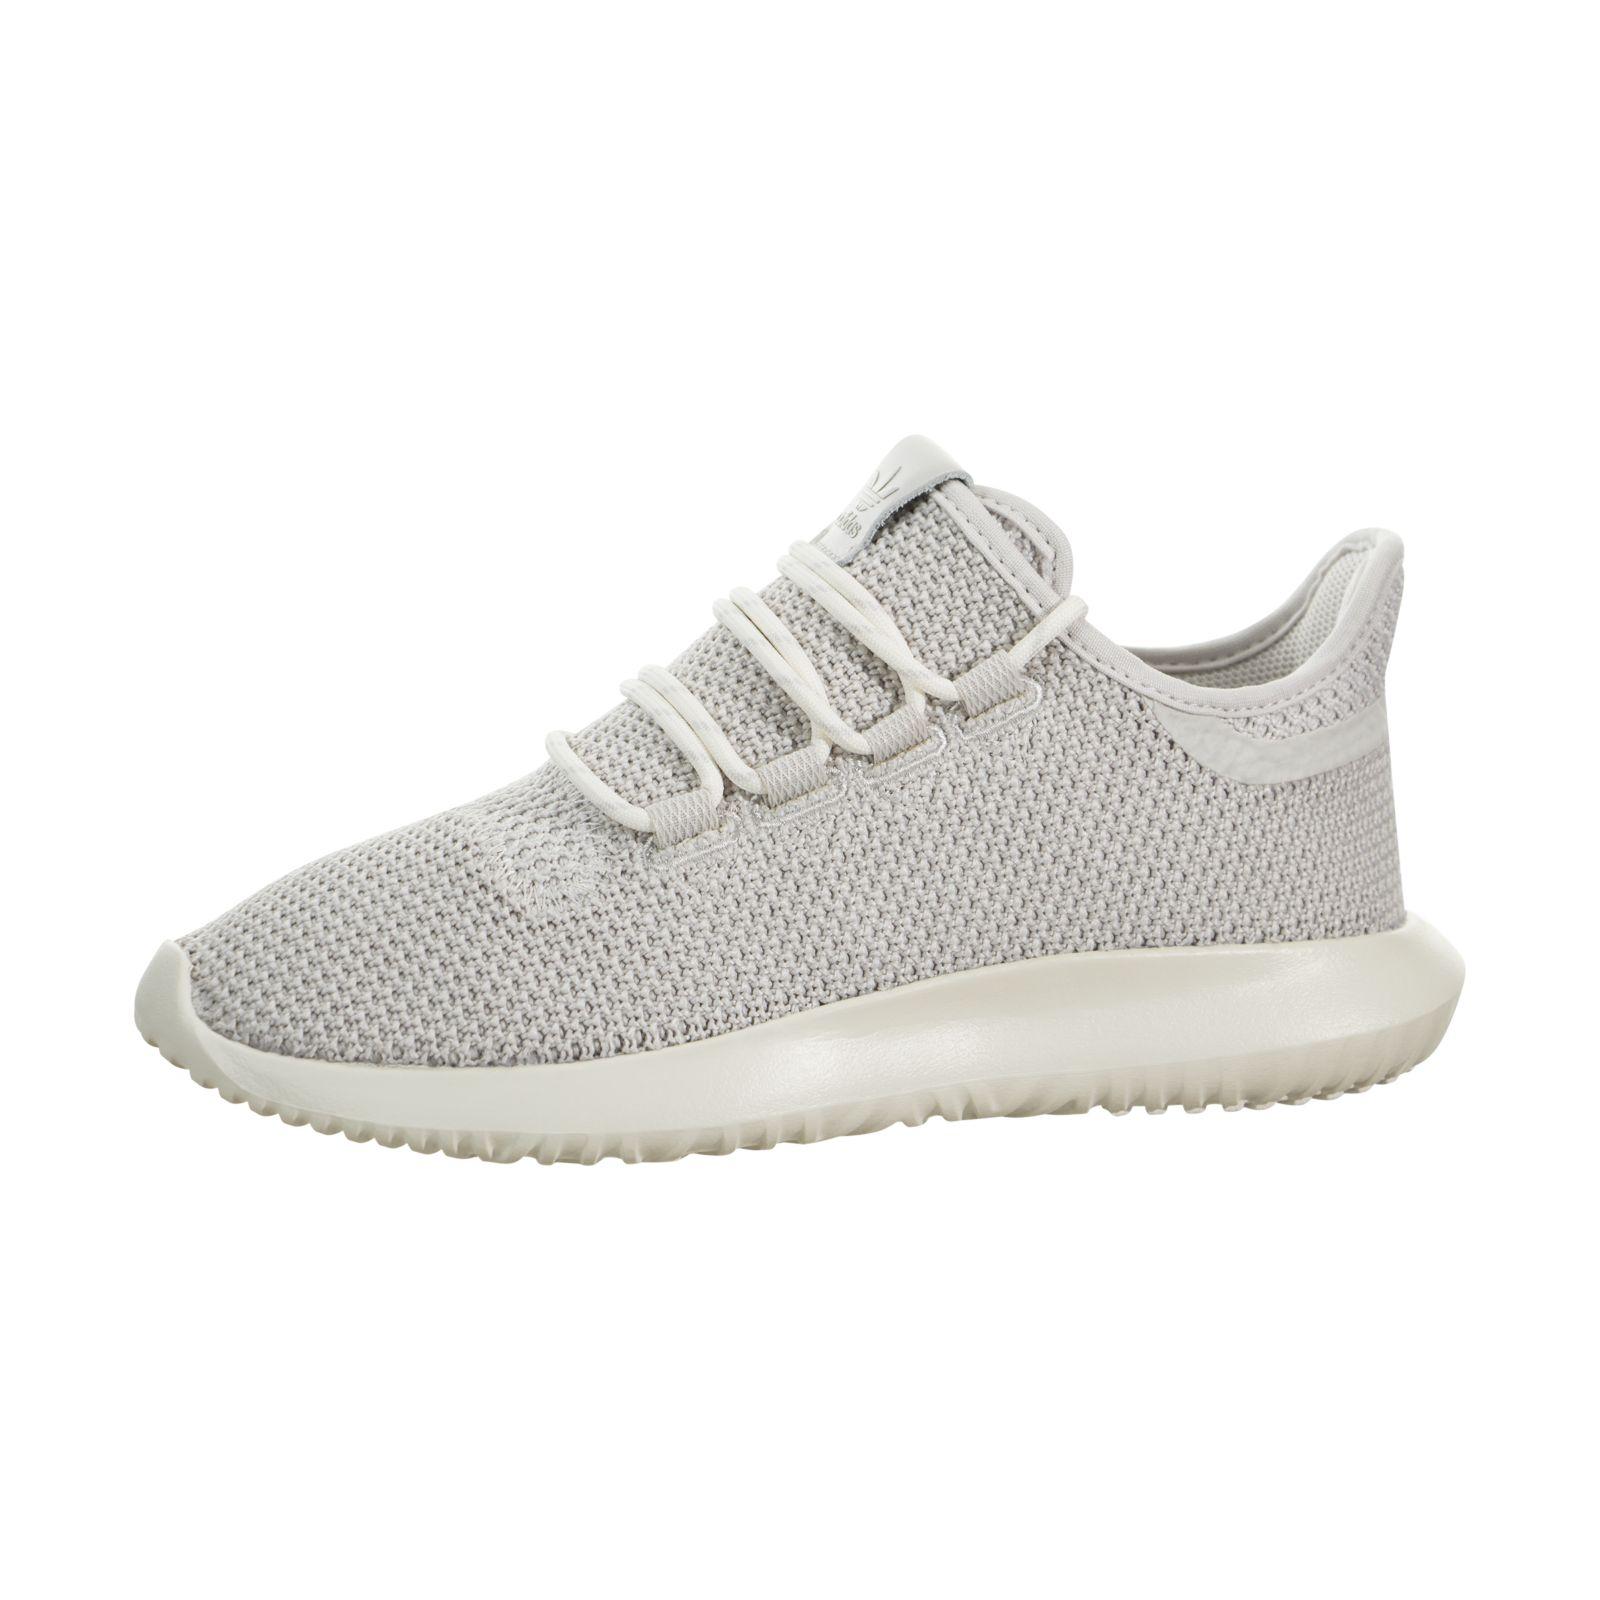 Buy adidas Tubular Shadow Big Kids Bb6748 Chalk Pearl White Athletic ... 4a9dd777a3e1